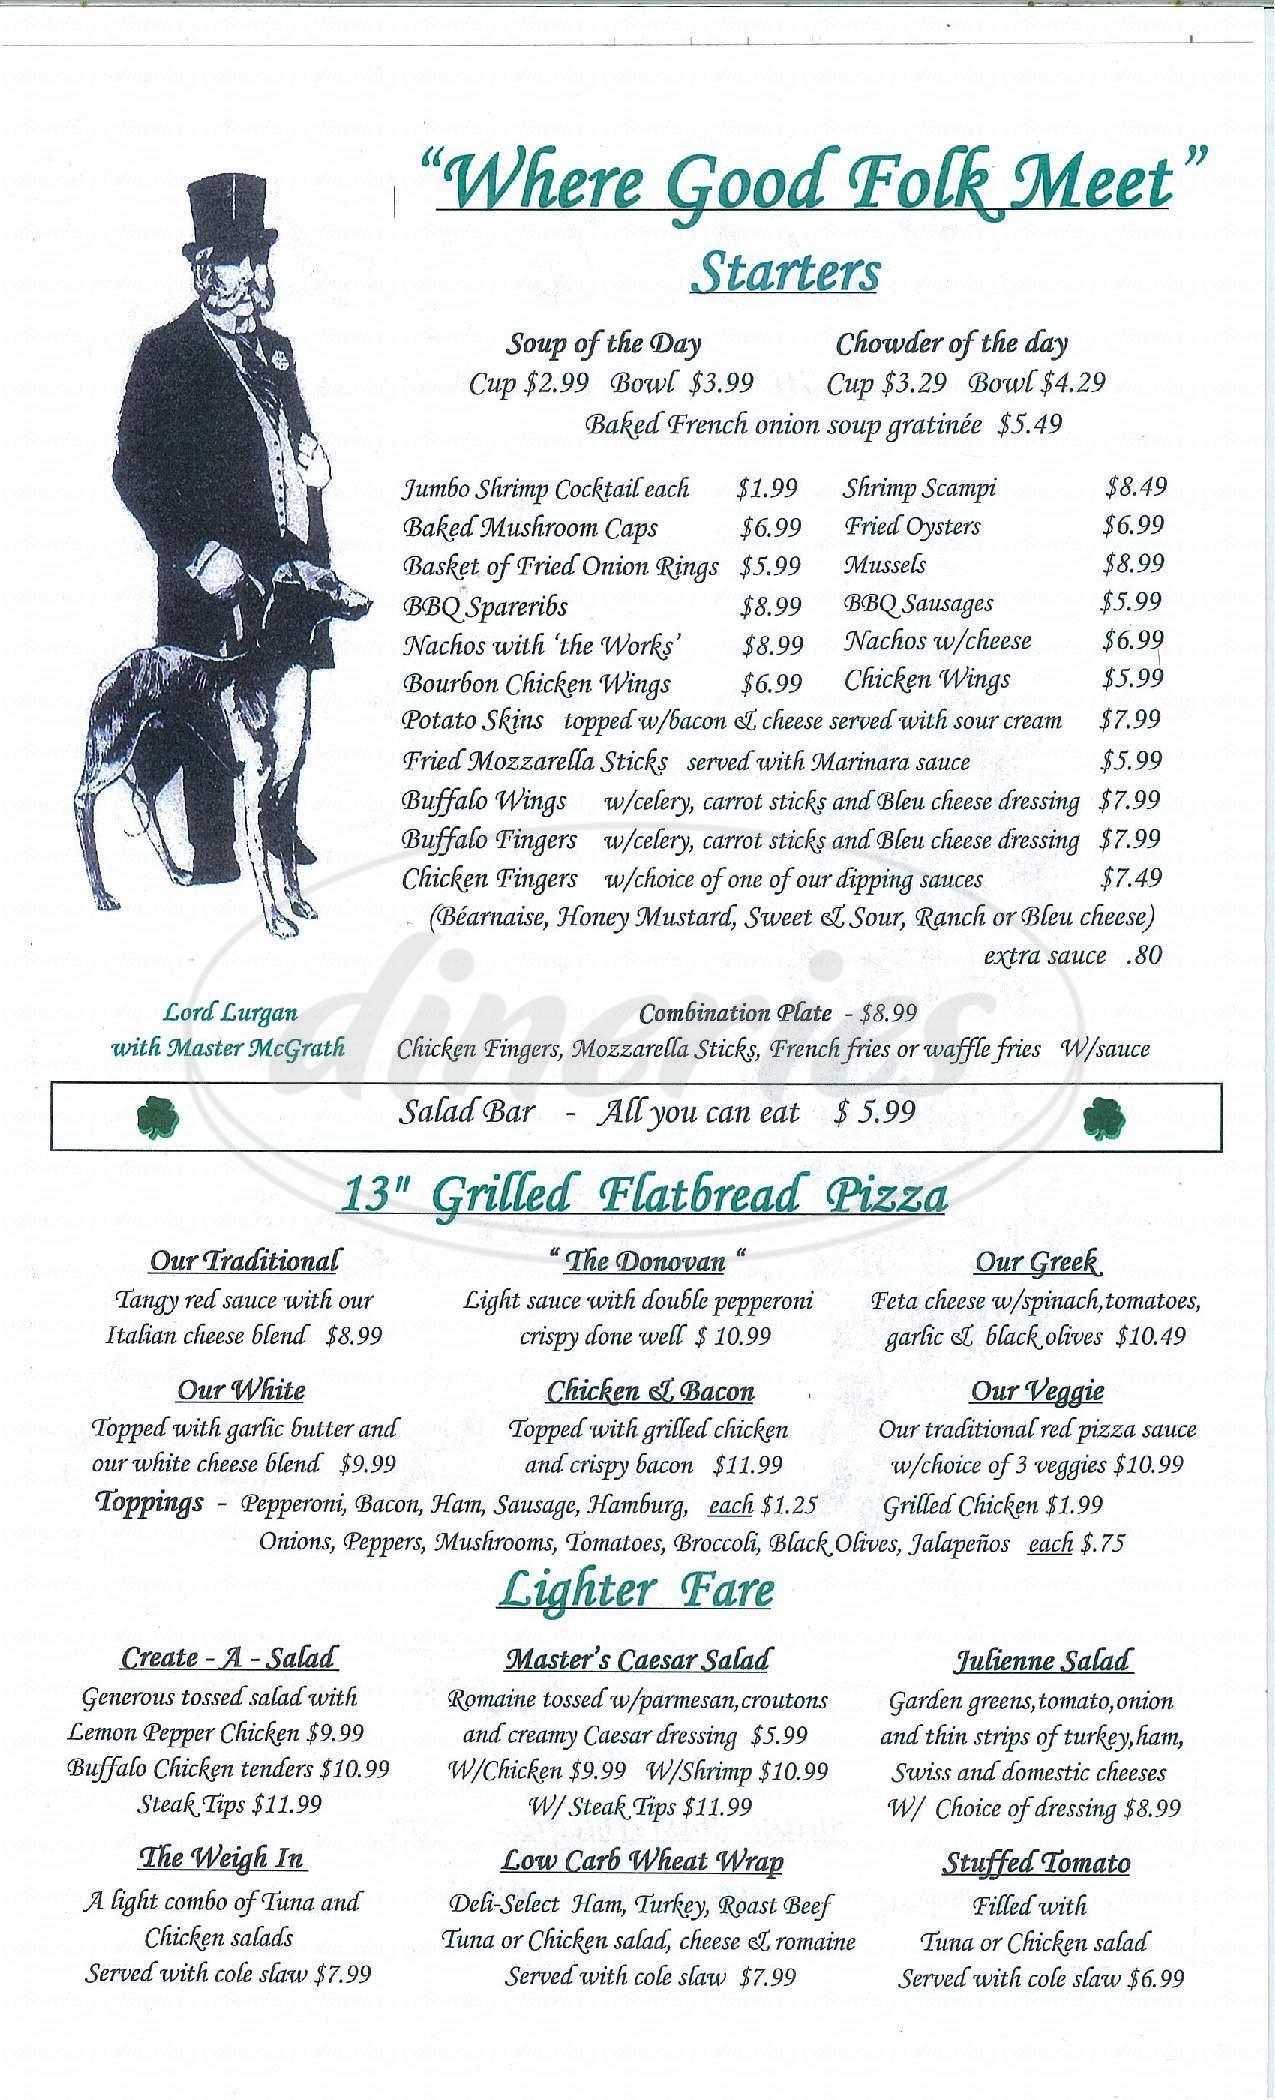 menu for Master McGrath's